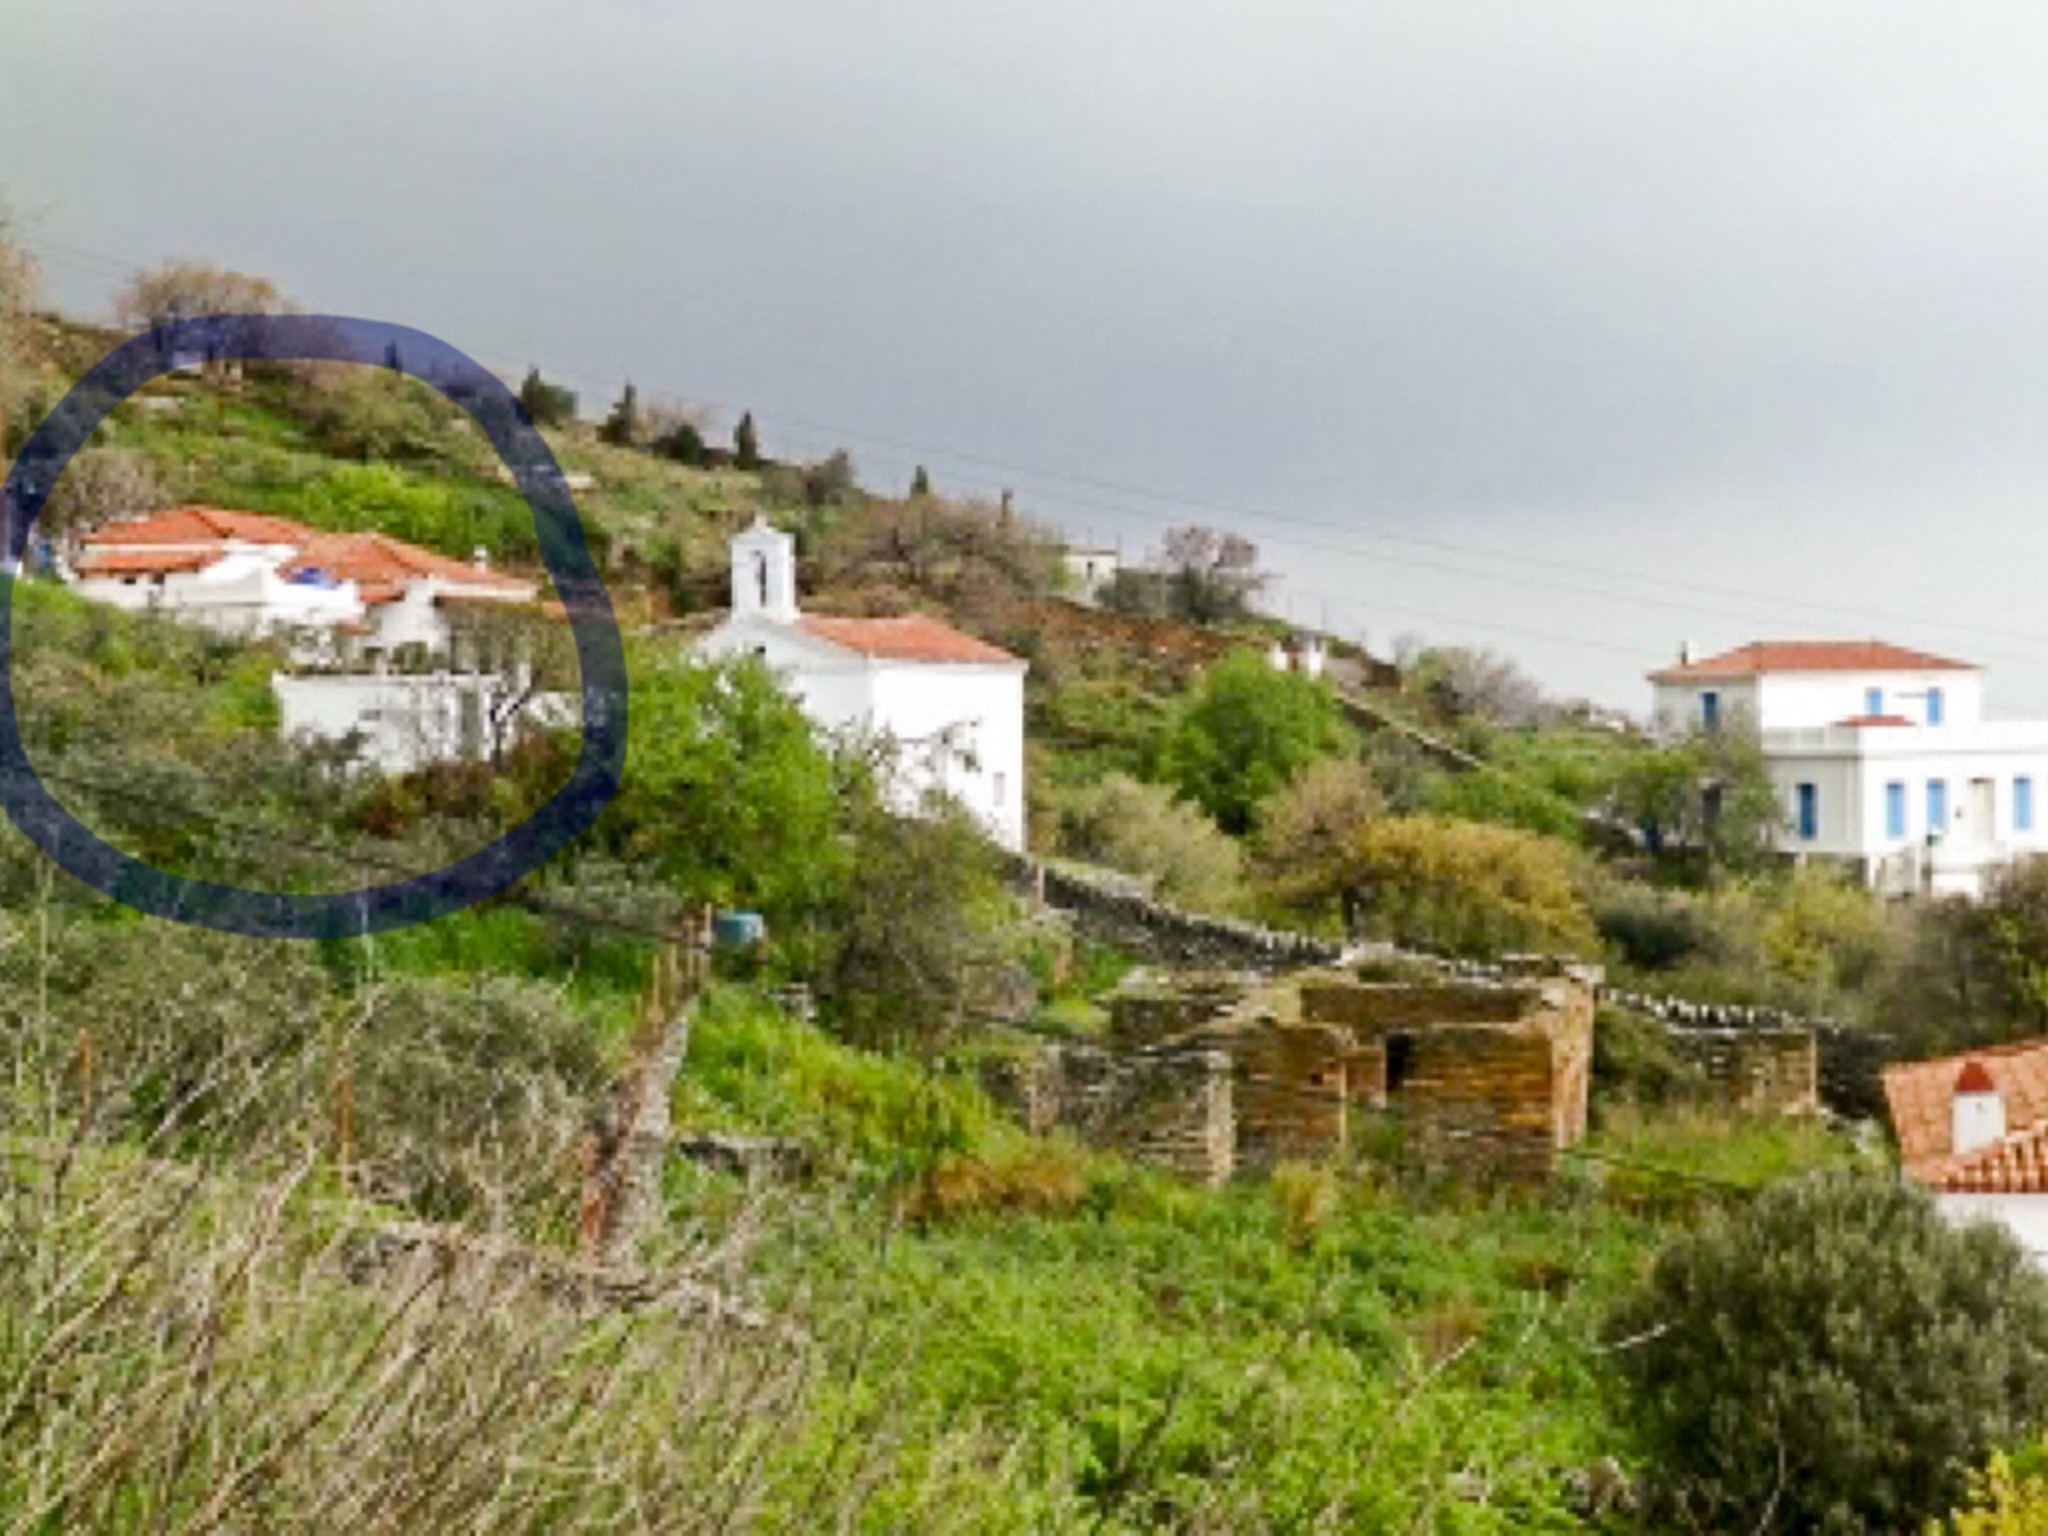 Ferienhaus Großes Haus in Ypsila mit vier Schlafzimmern und möblierter Terrasse - 4,5 km vom Meer ent (2201790), Andros, Andros, Kykladen, Griechenland, Bild 2